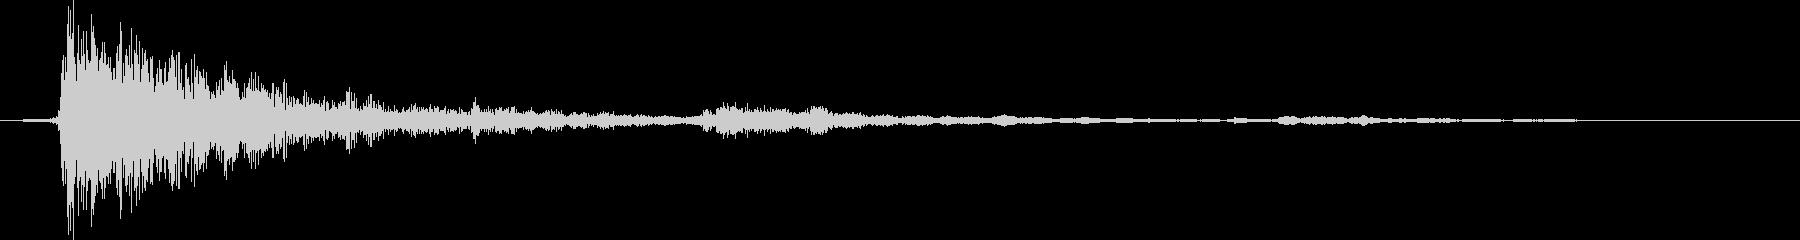 パシャンA(湯船で水面を打つ音)の未再生の波形